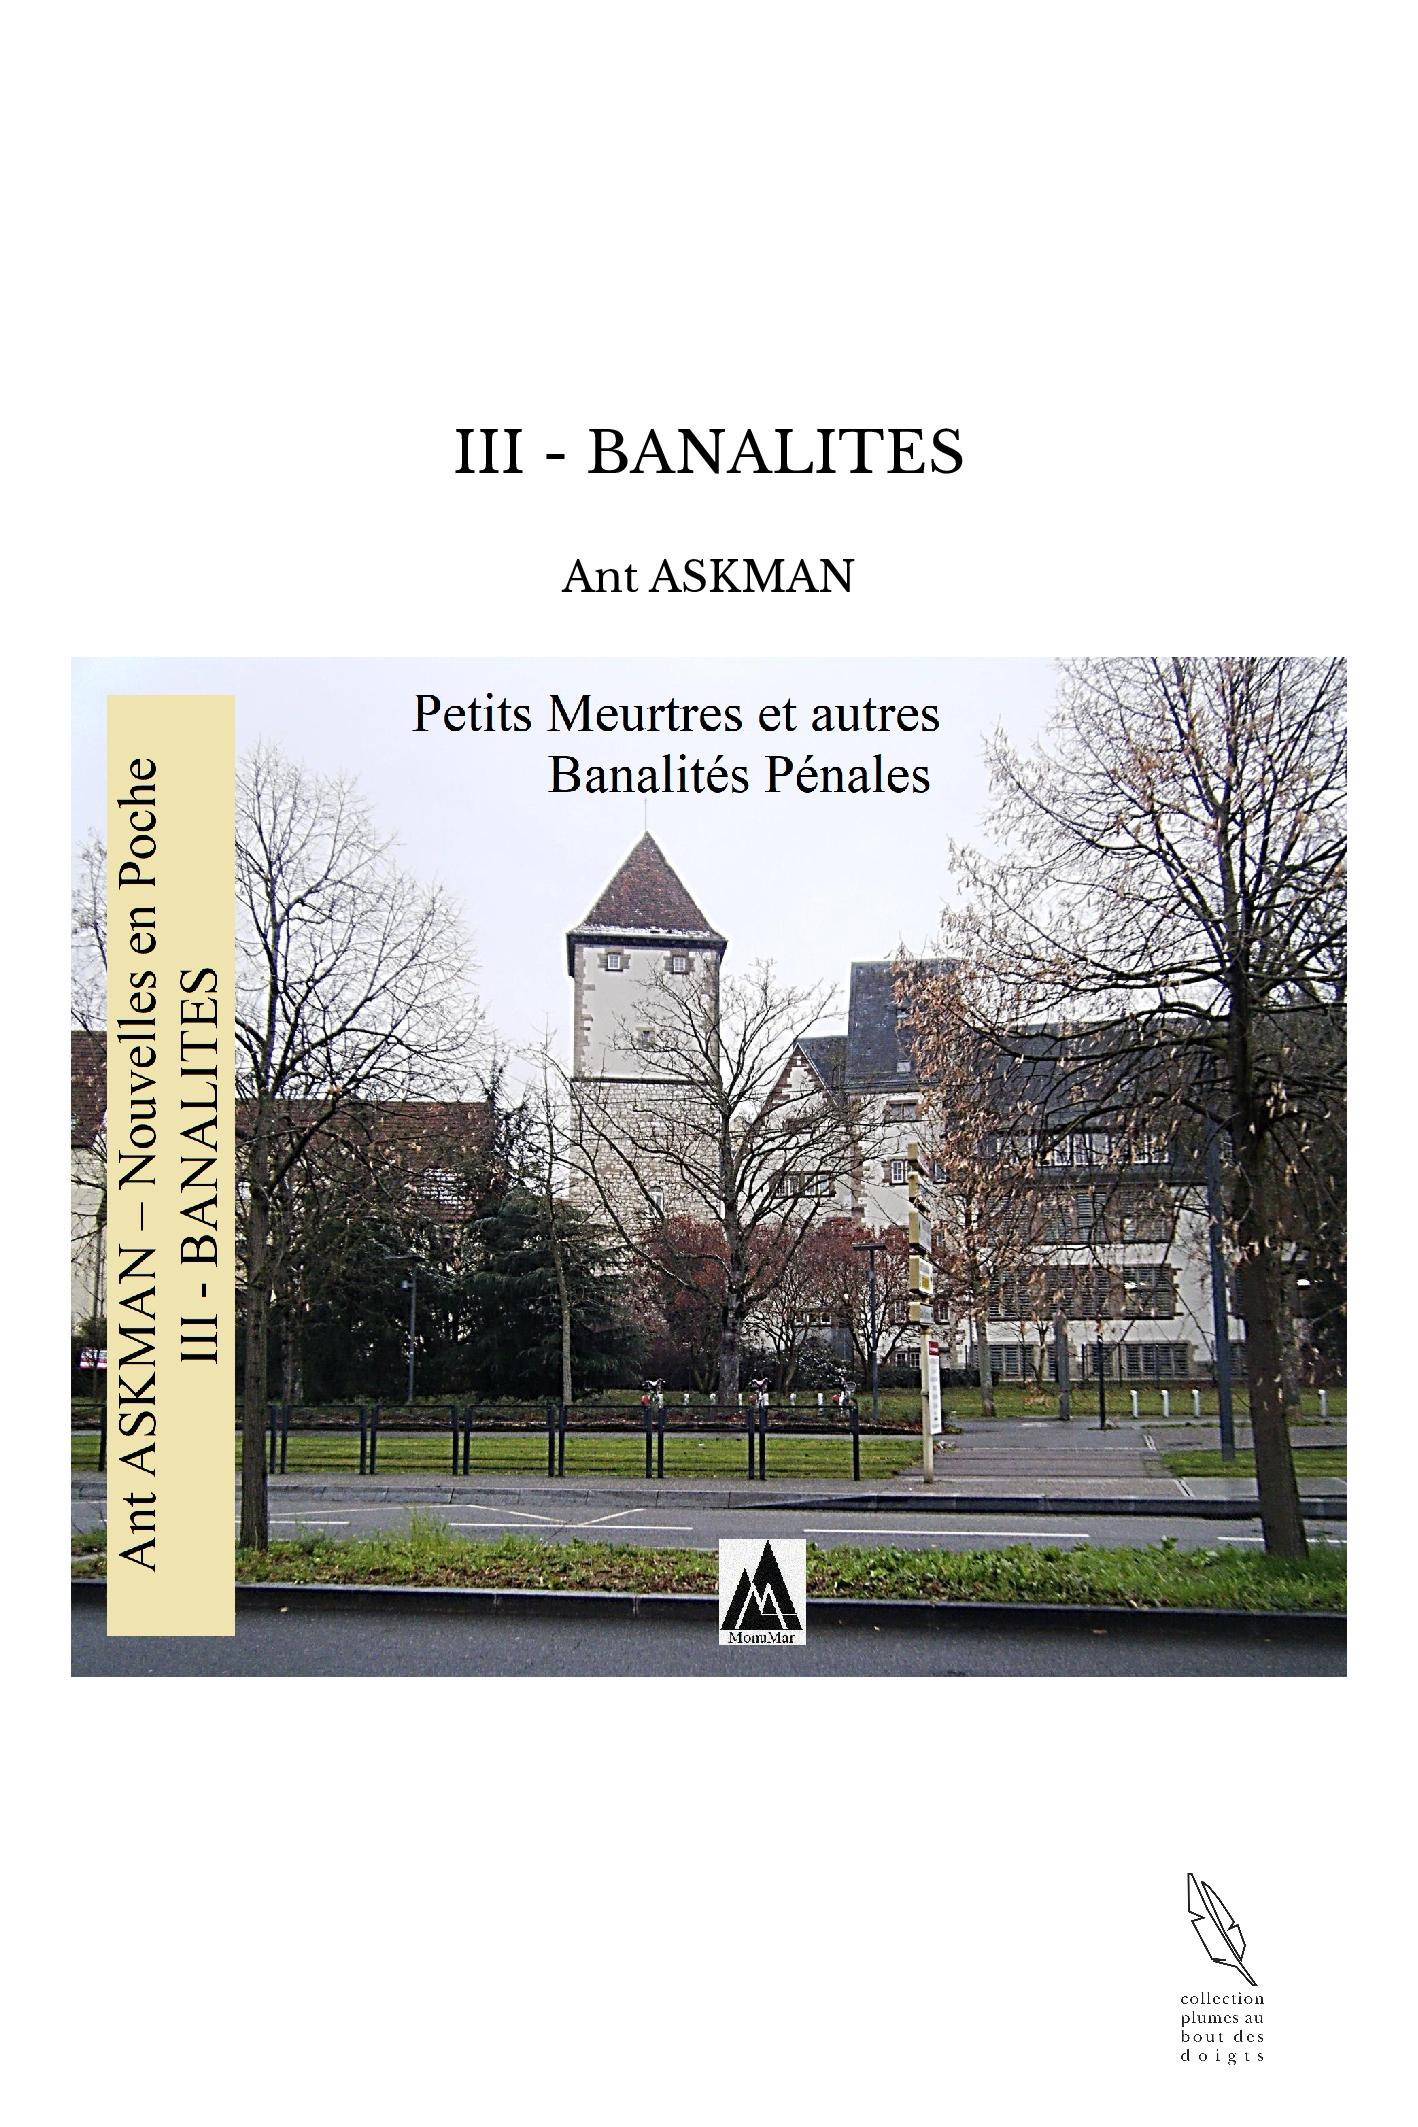 III - BANALITES